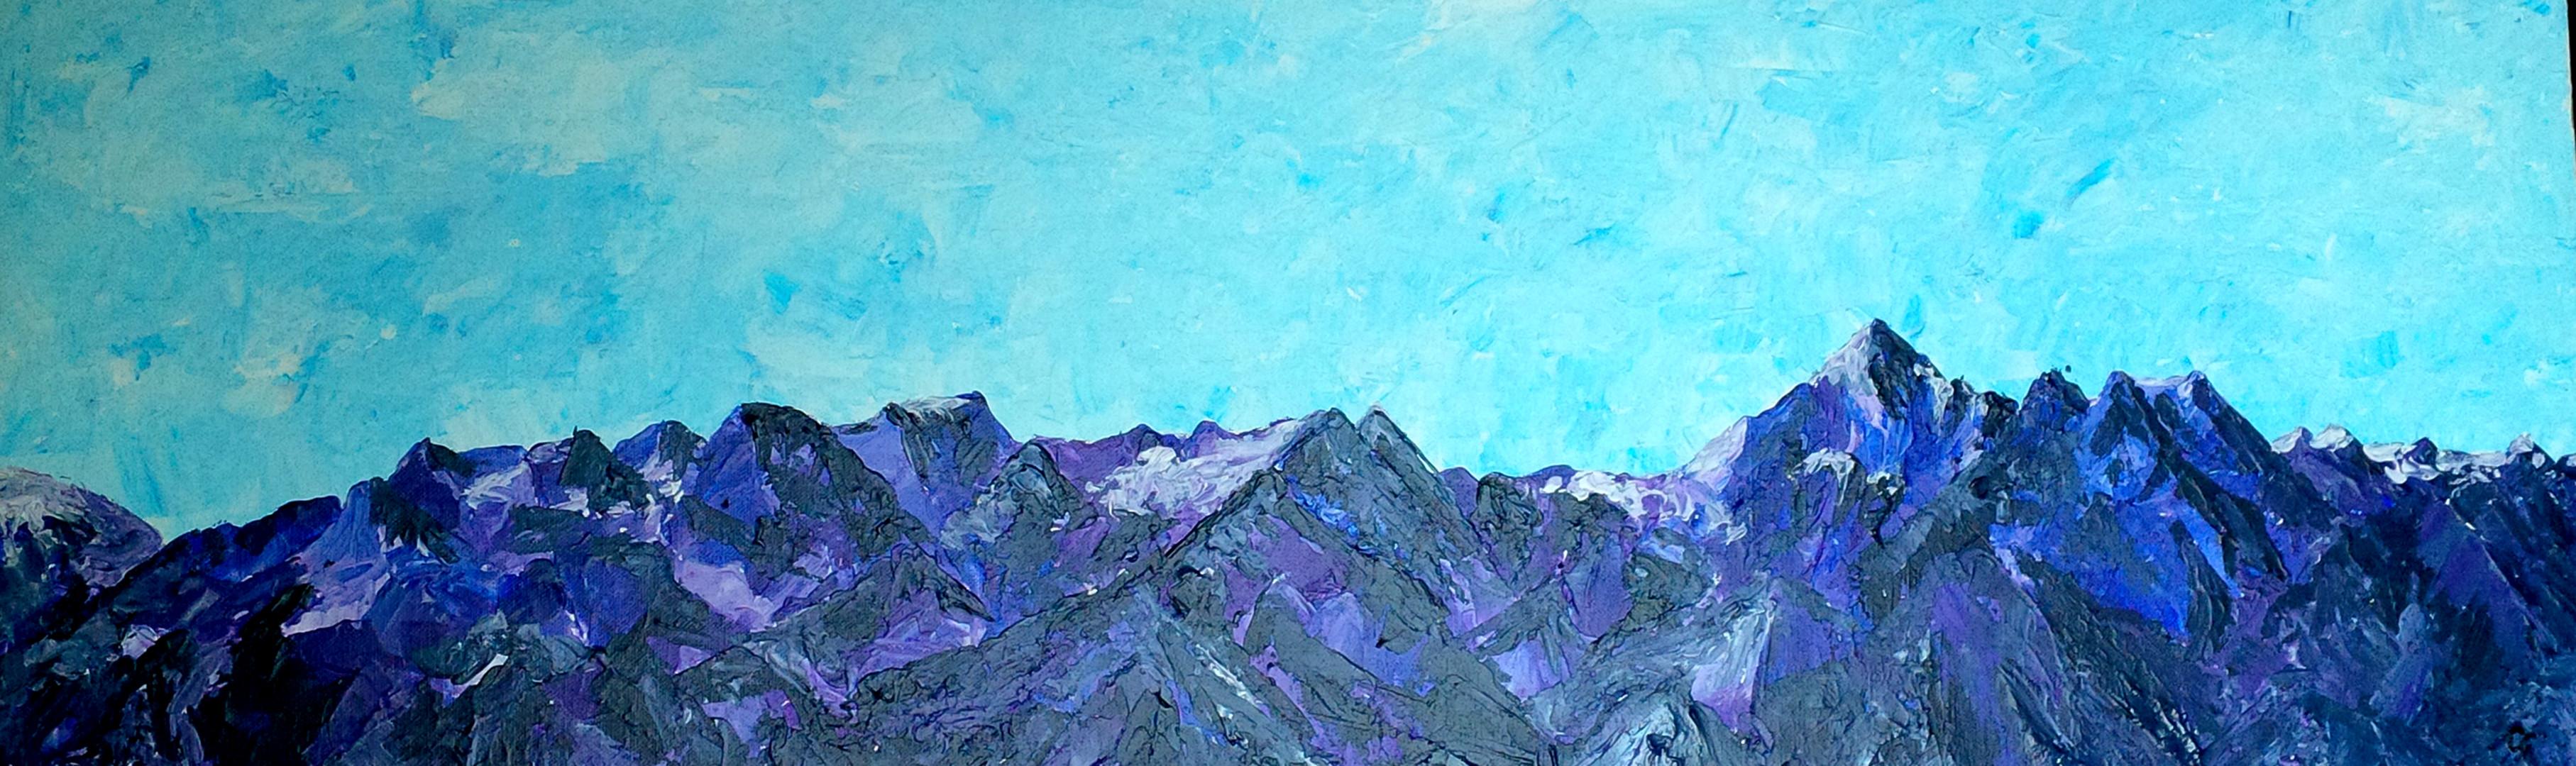 Forster - Bergpanorama 300 dpi.jpg